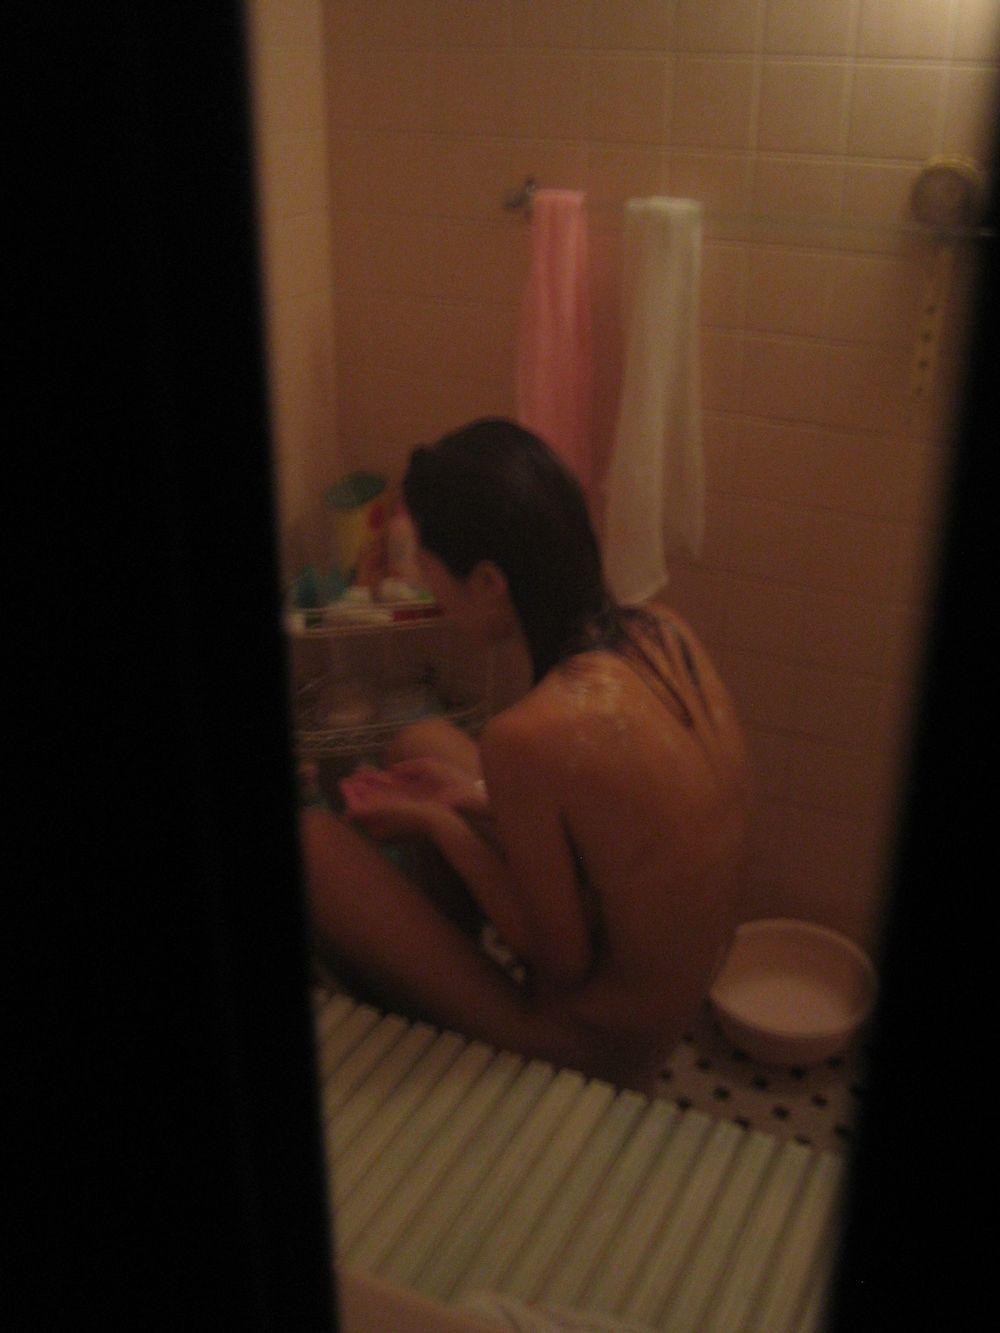 脱衣して入浴するまでの素人さん (10)